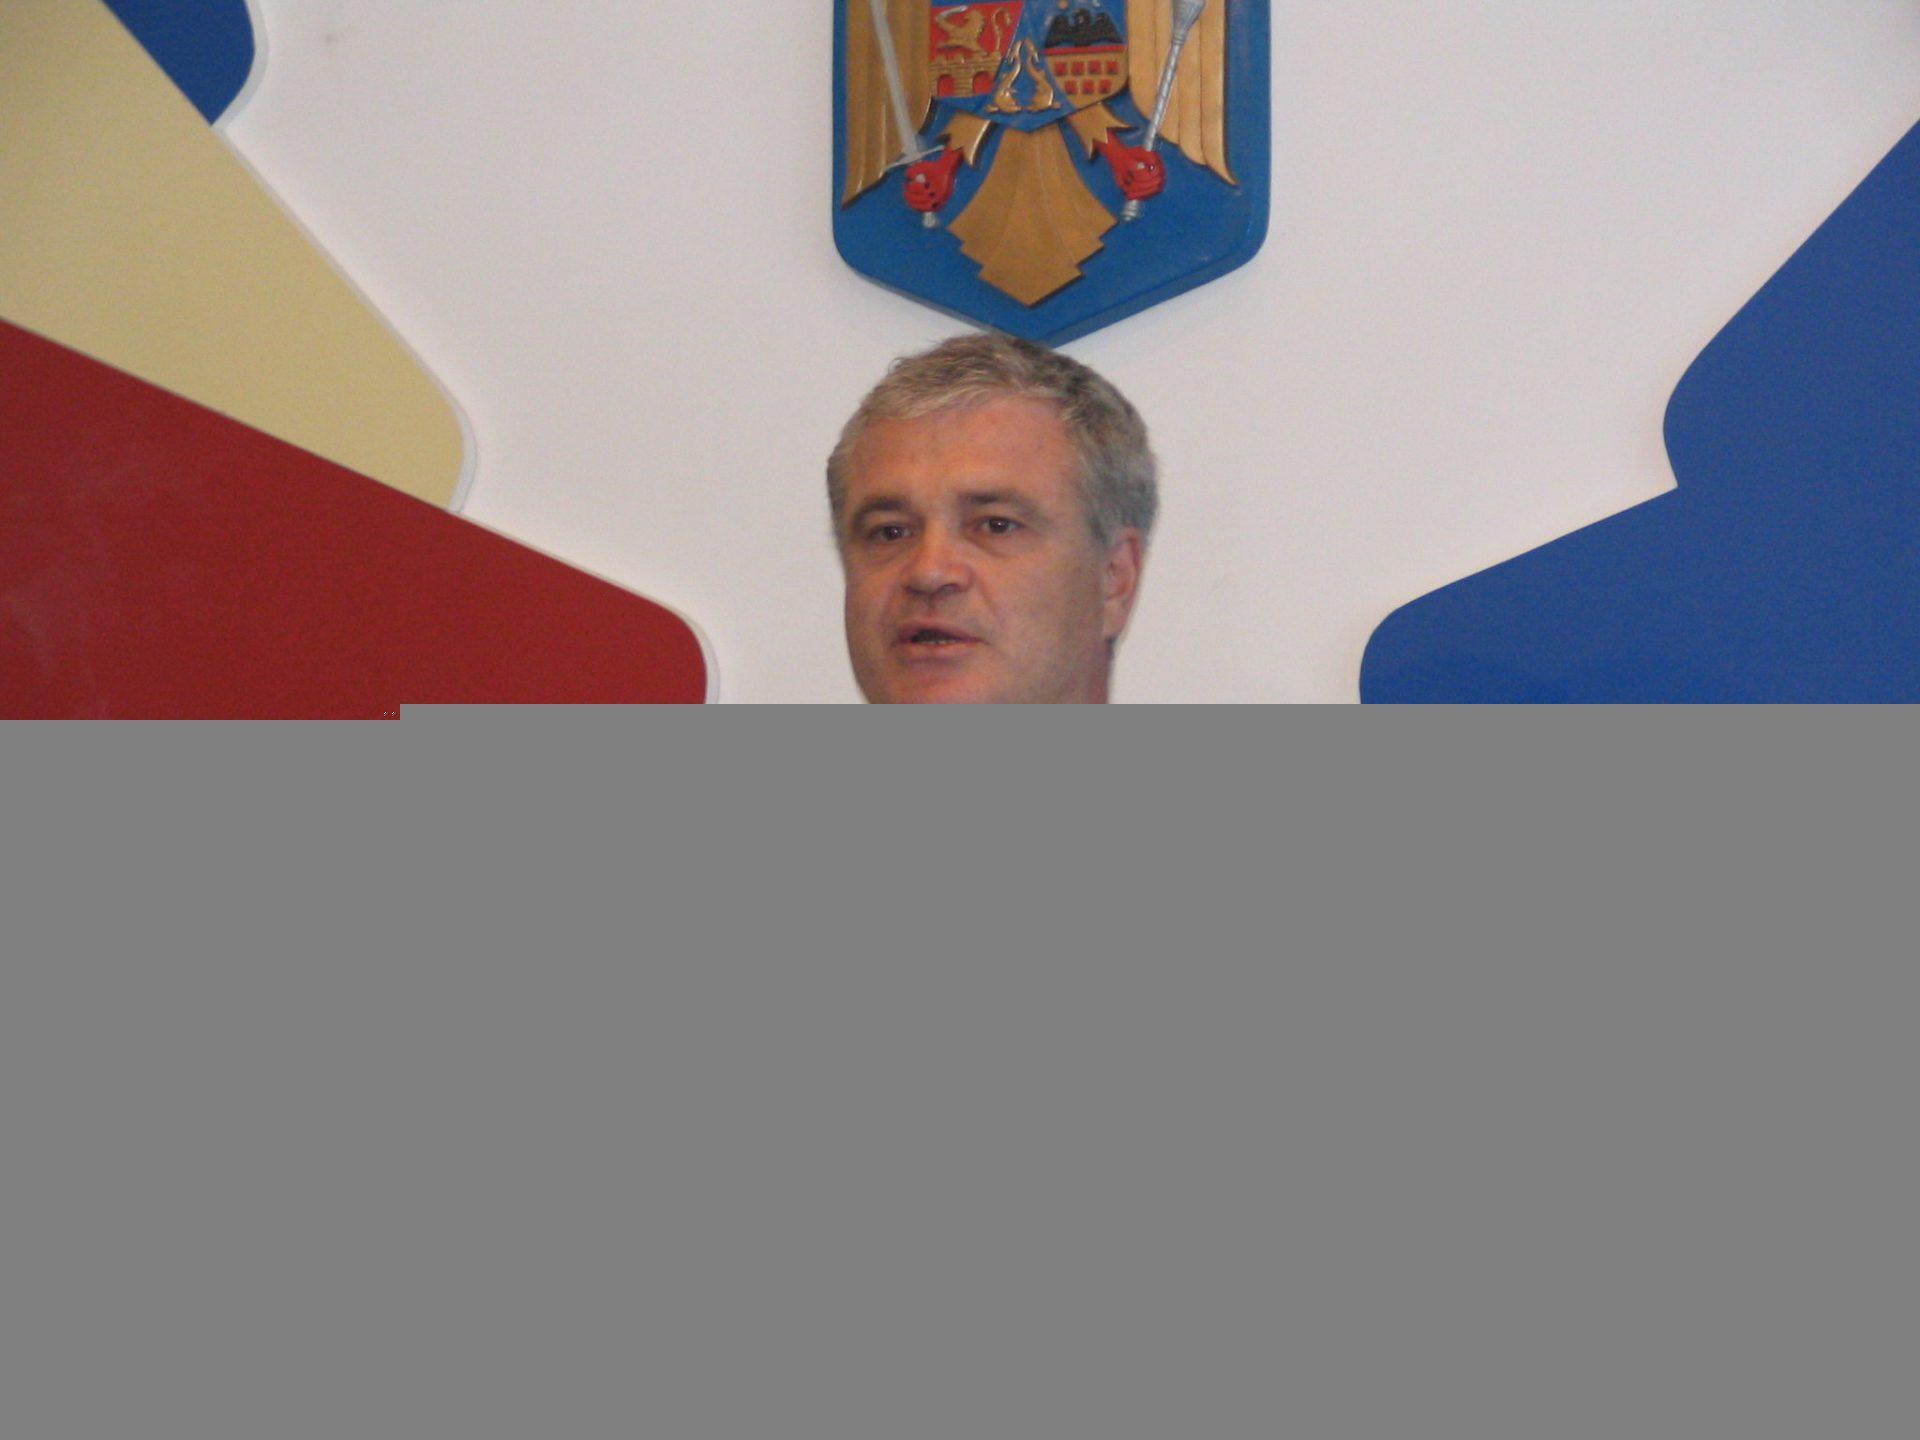 Mehedinţi: Dinozaurul politic Nicolicea, la al 7-lea mandat de deputat